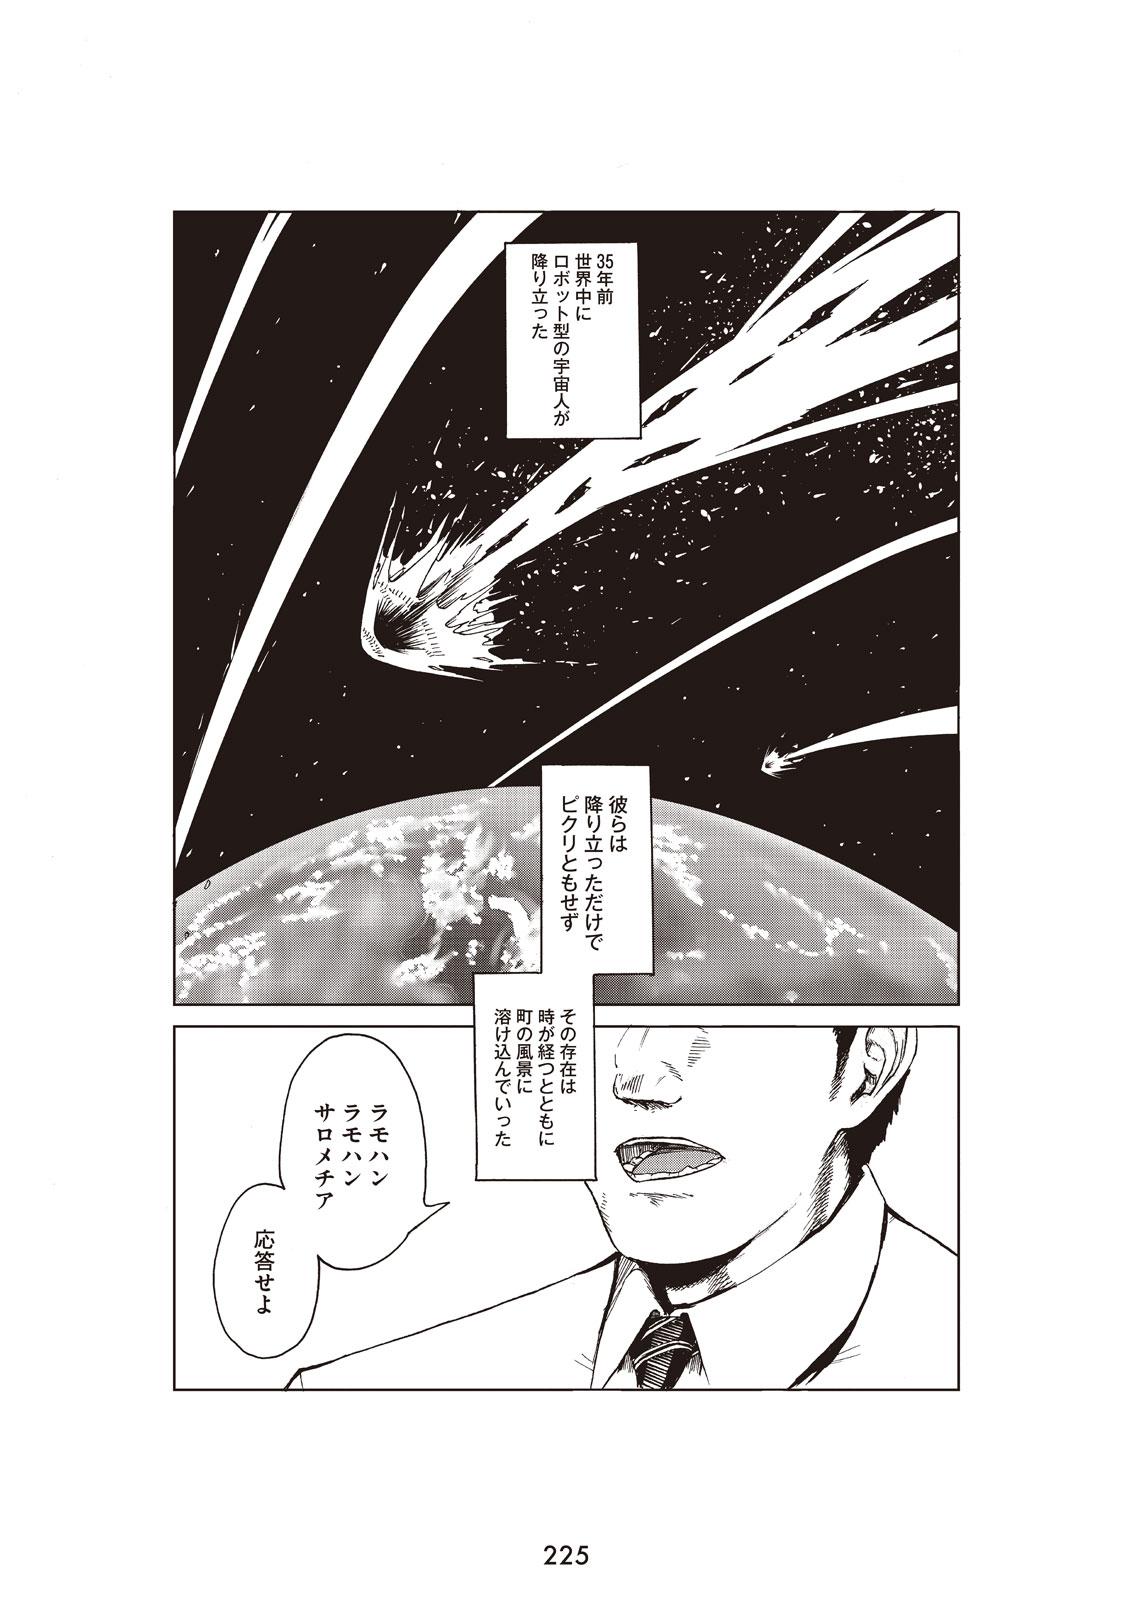 校庭の宇宙人